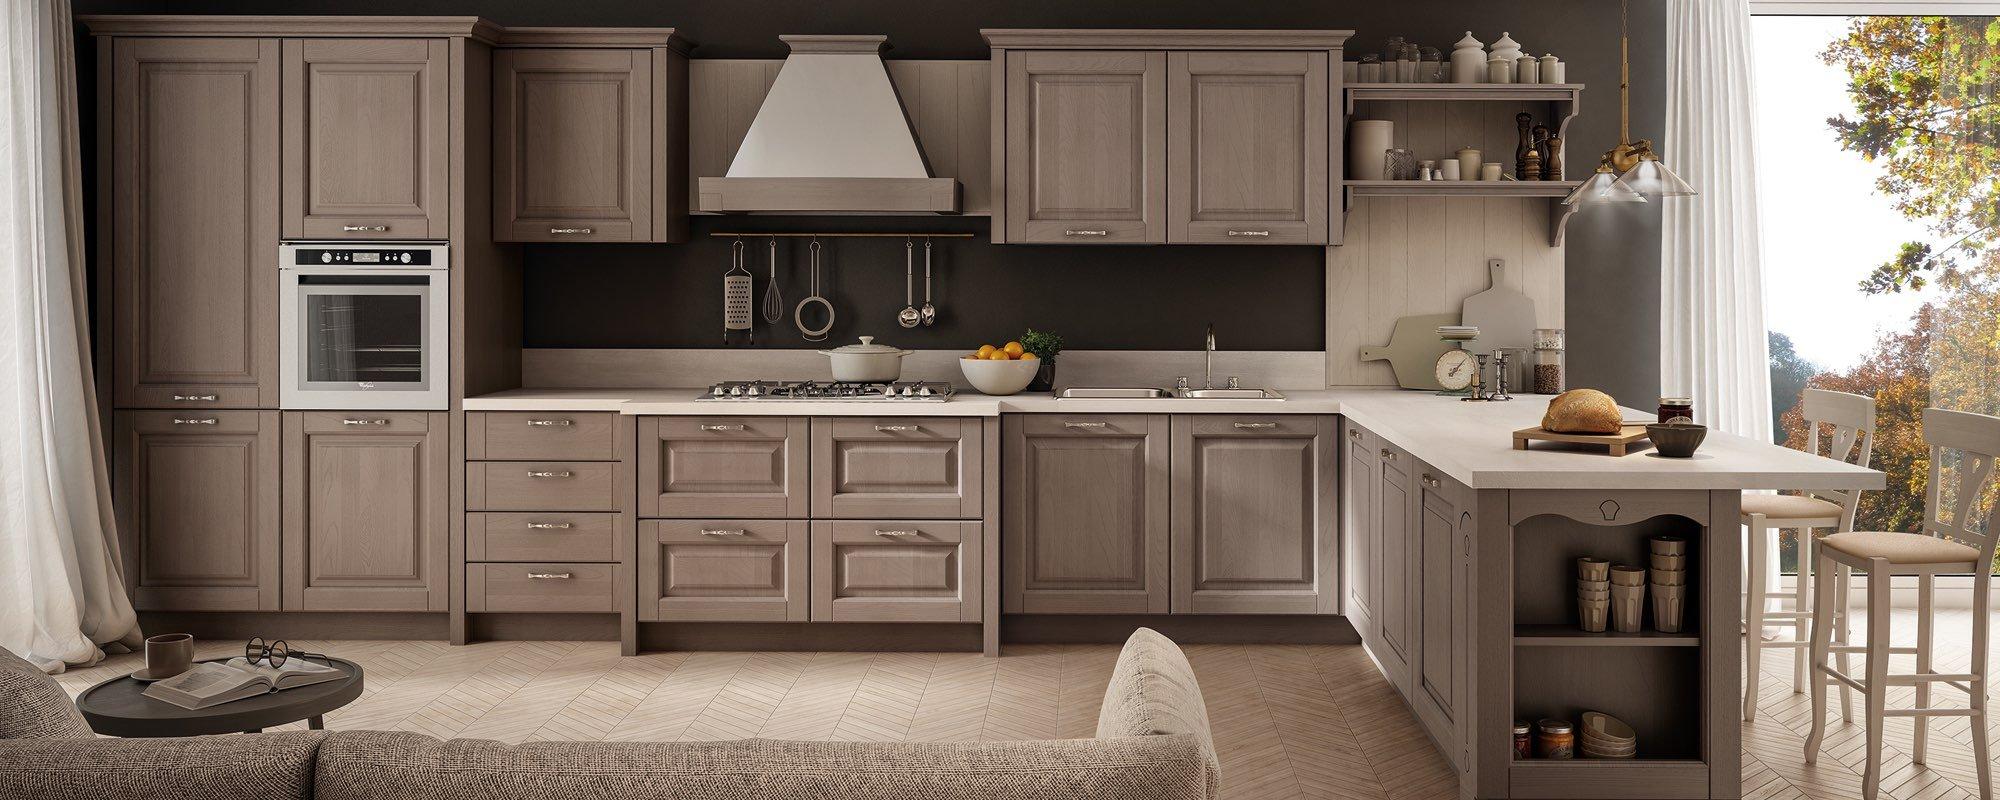 Cucina Bolgheri Stosa ad angolo con divano, sedie e arredamento -BOLGHERI